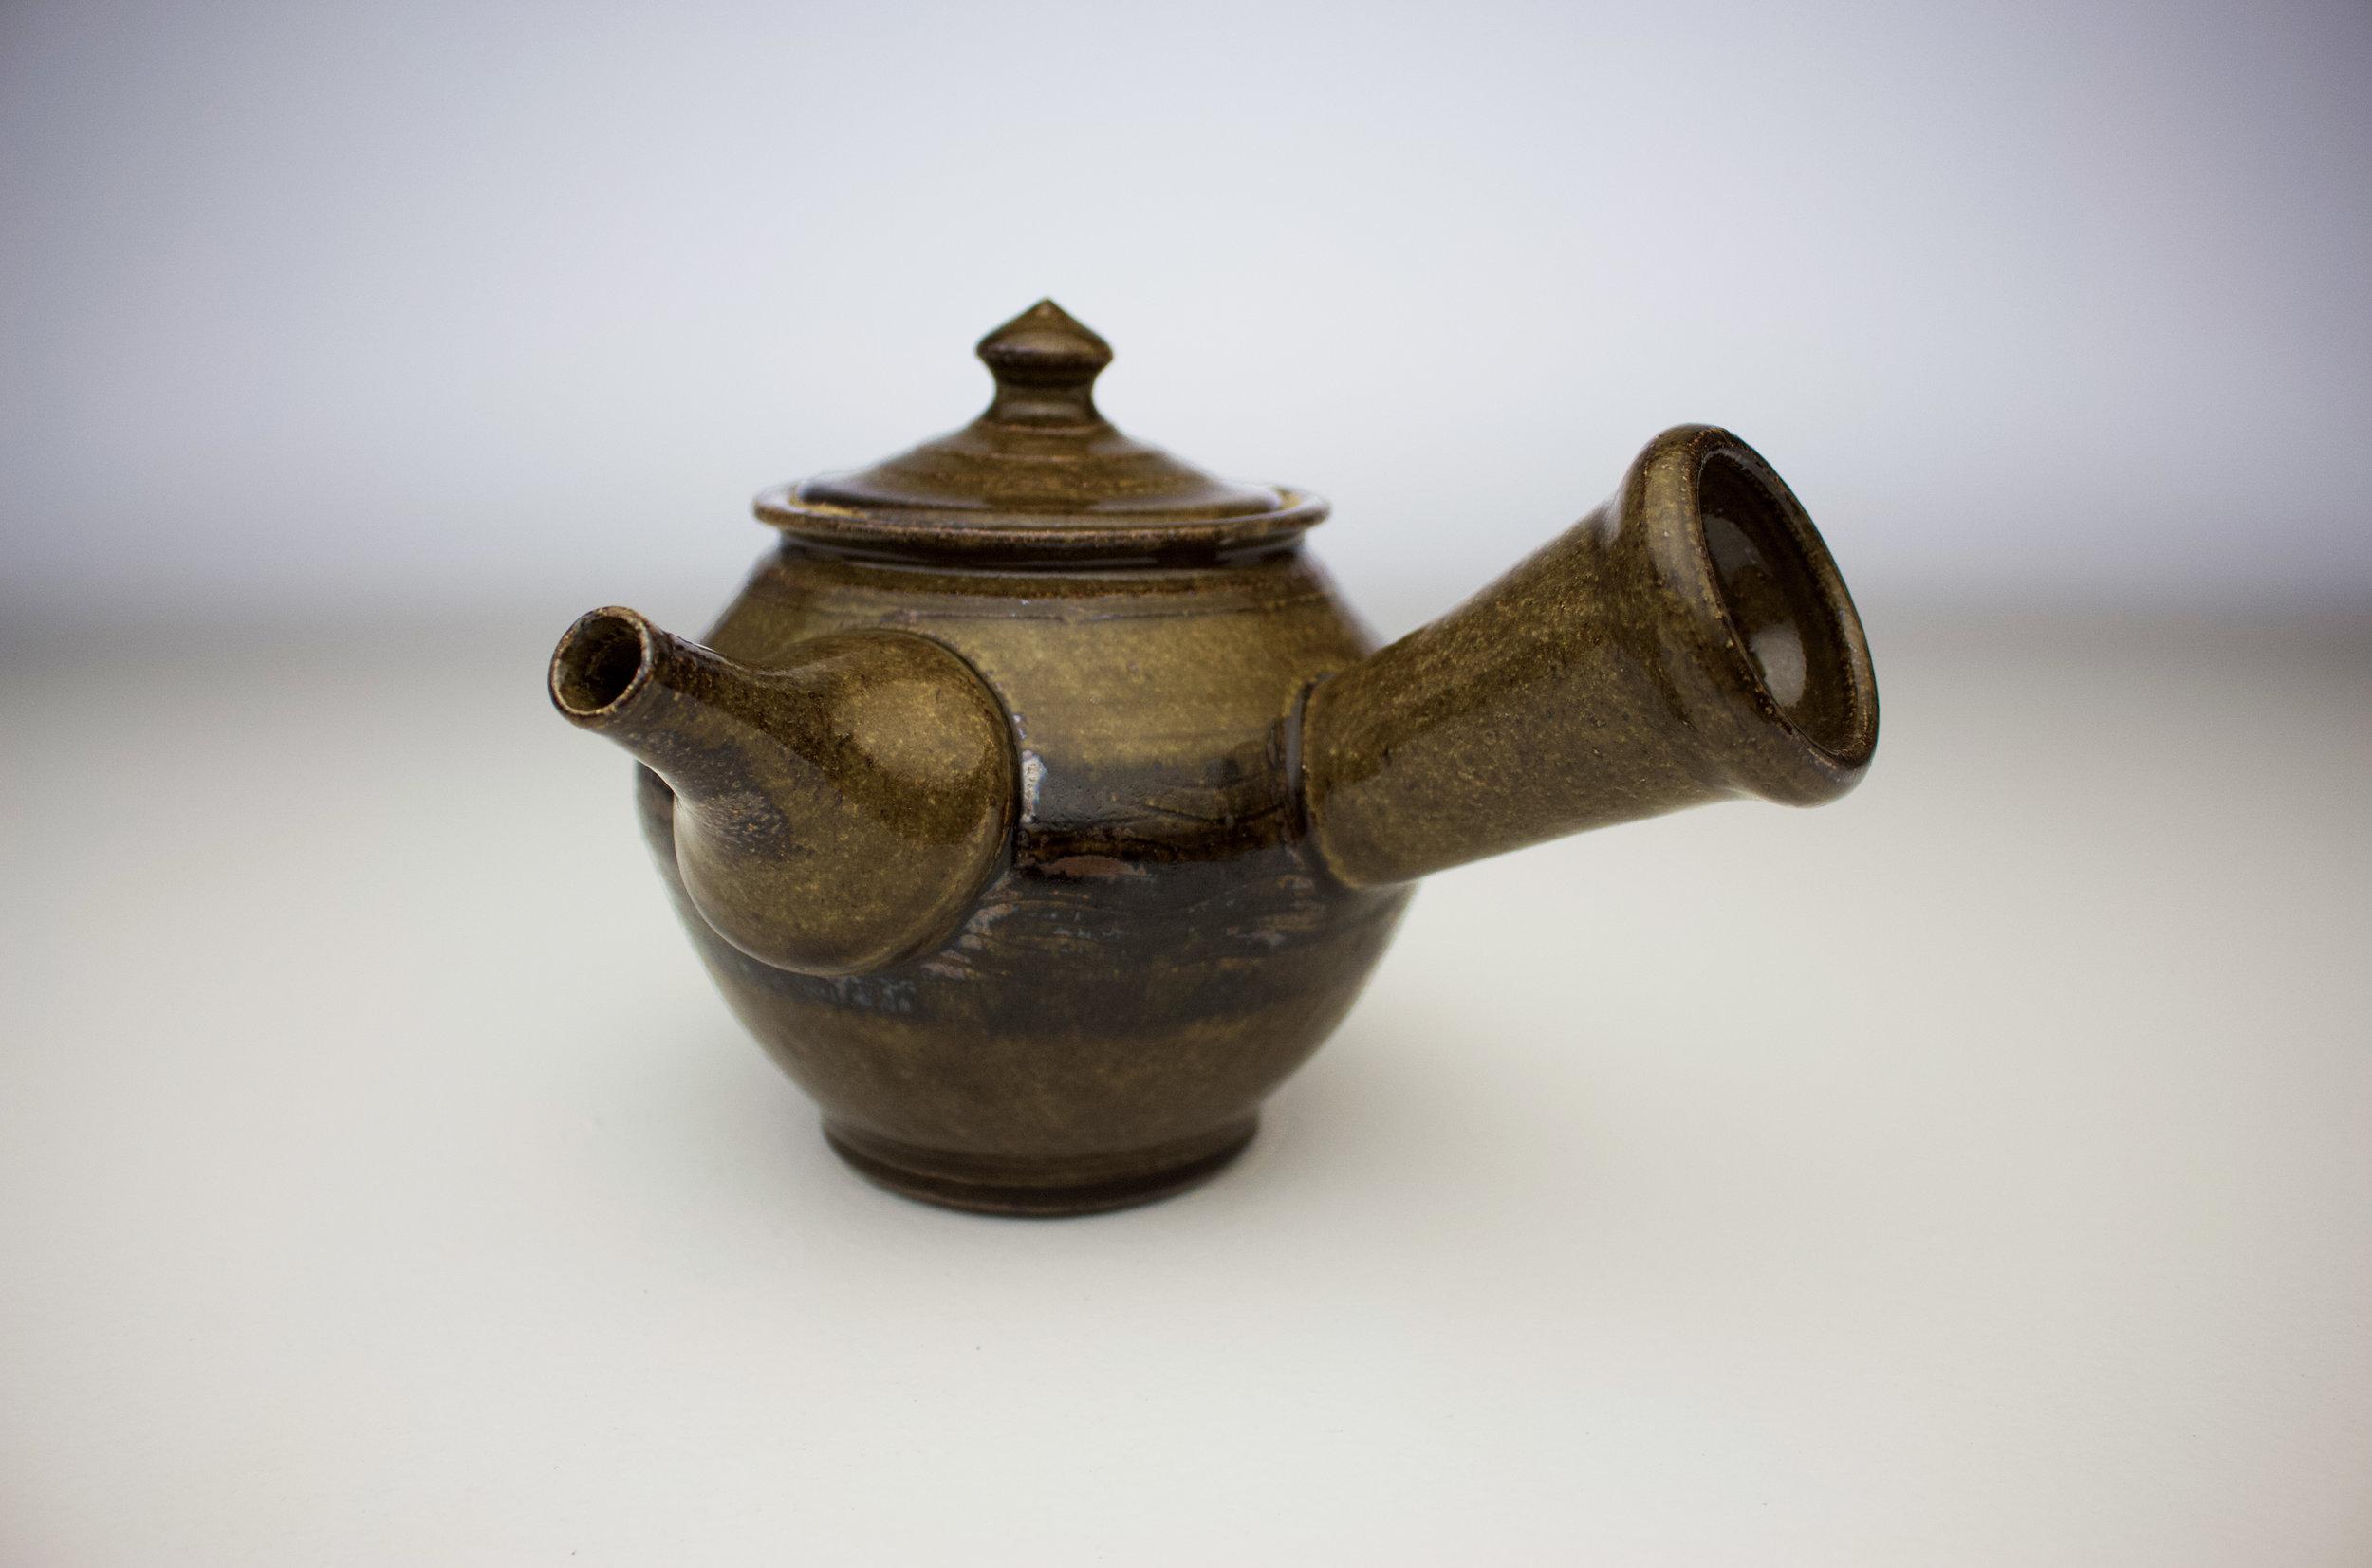 ame black fork design teapot.jpg